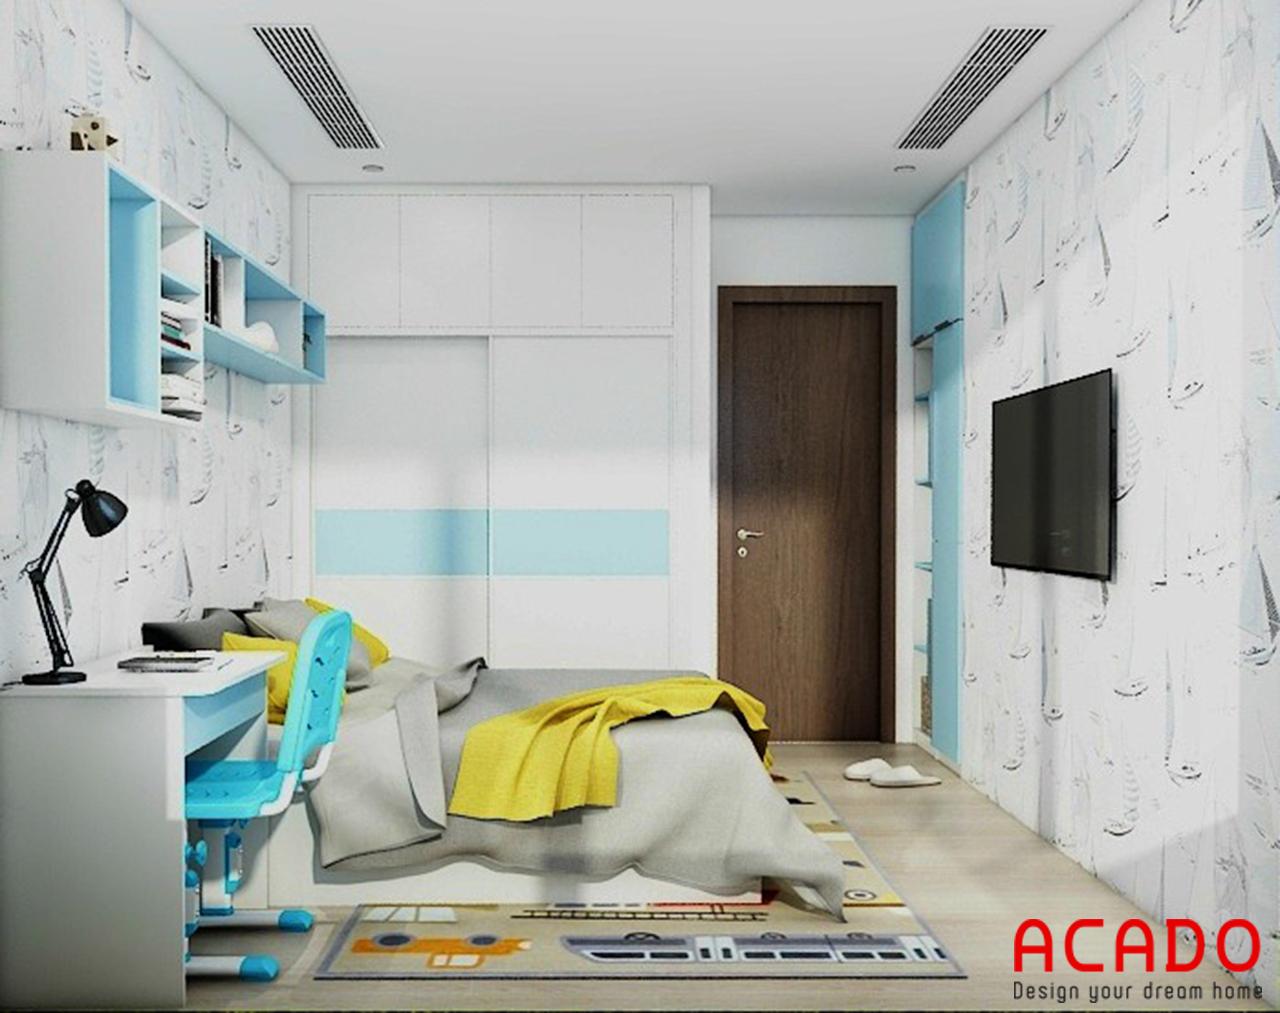 Thiết kế và bố trí các đồ nội thất phòng cho bé nghộ nghĩnh, trẻ trung